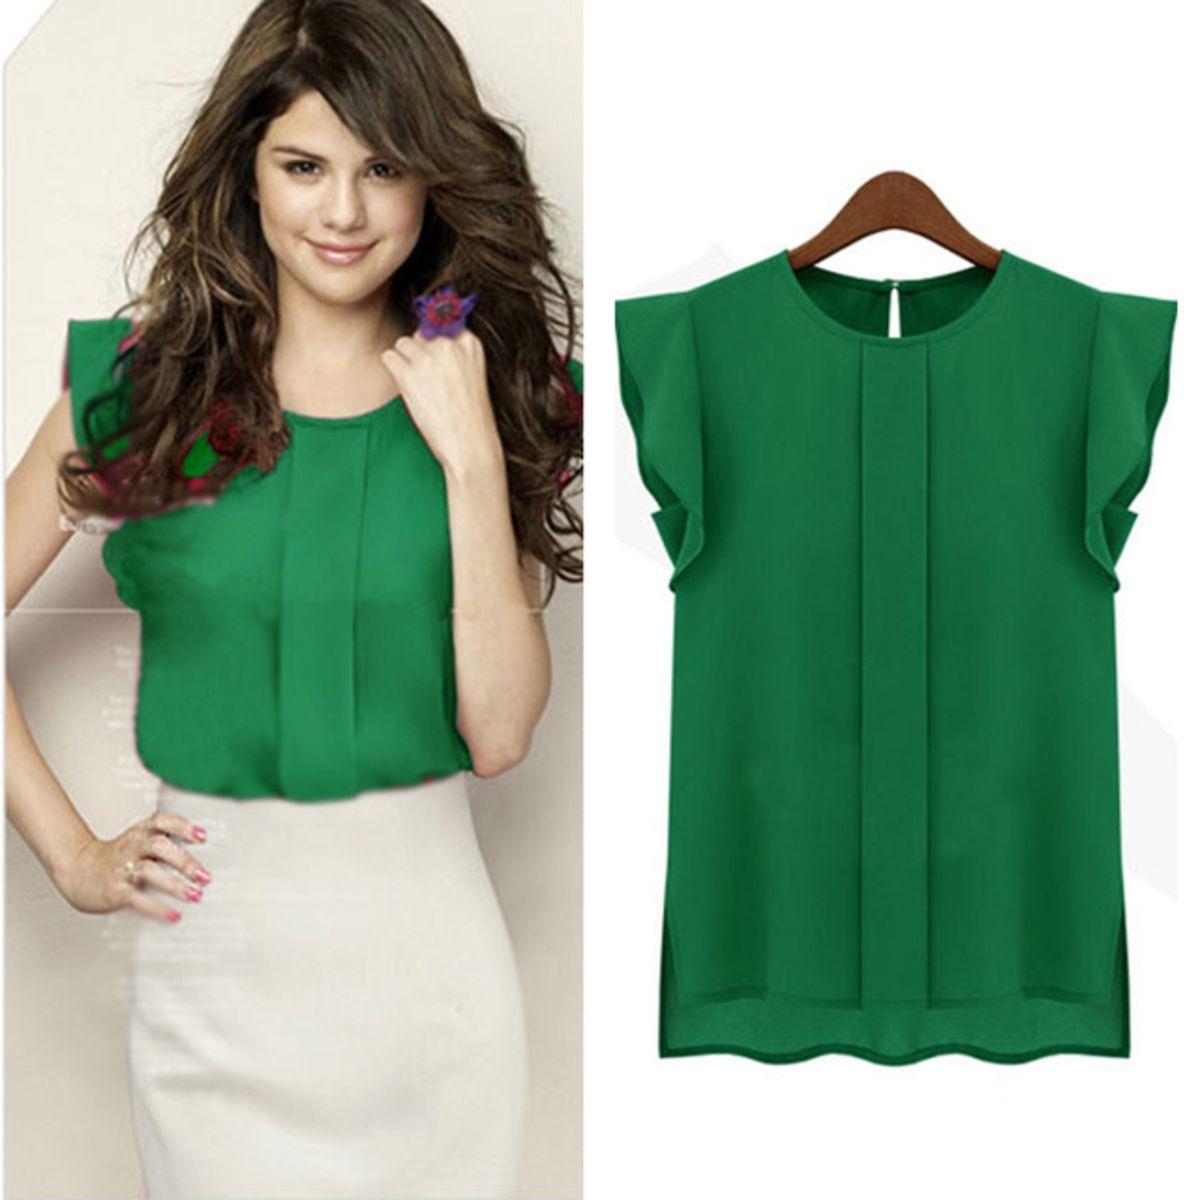 6e0ef5cec1 Blusa Paris feminina Verde Lisa Manga Curta Blusa Paris verde blusa Lisa  Manga Curta detalhe fechamento nas costas Blusa verde